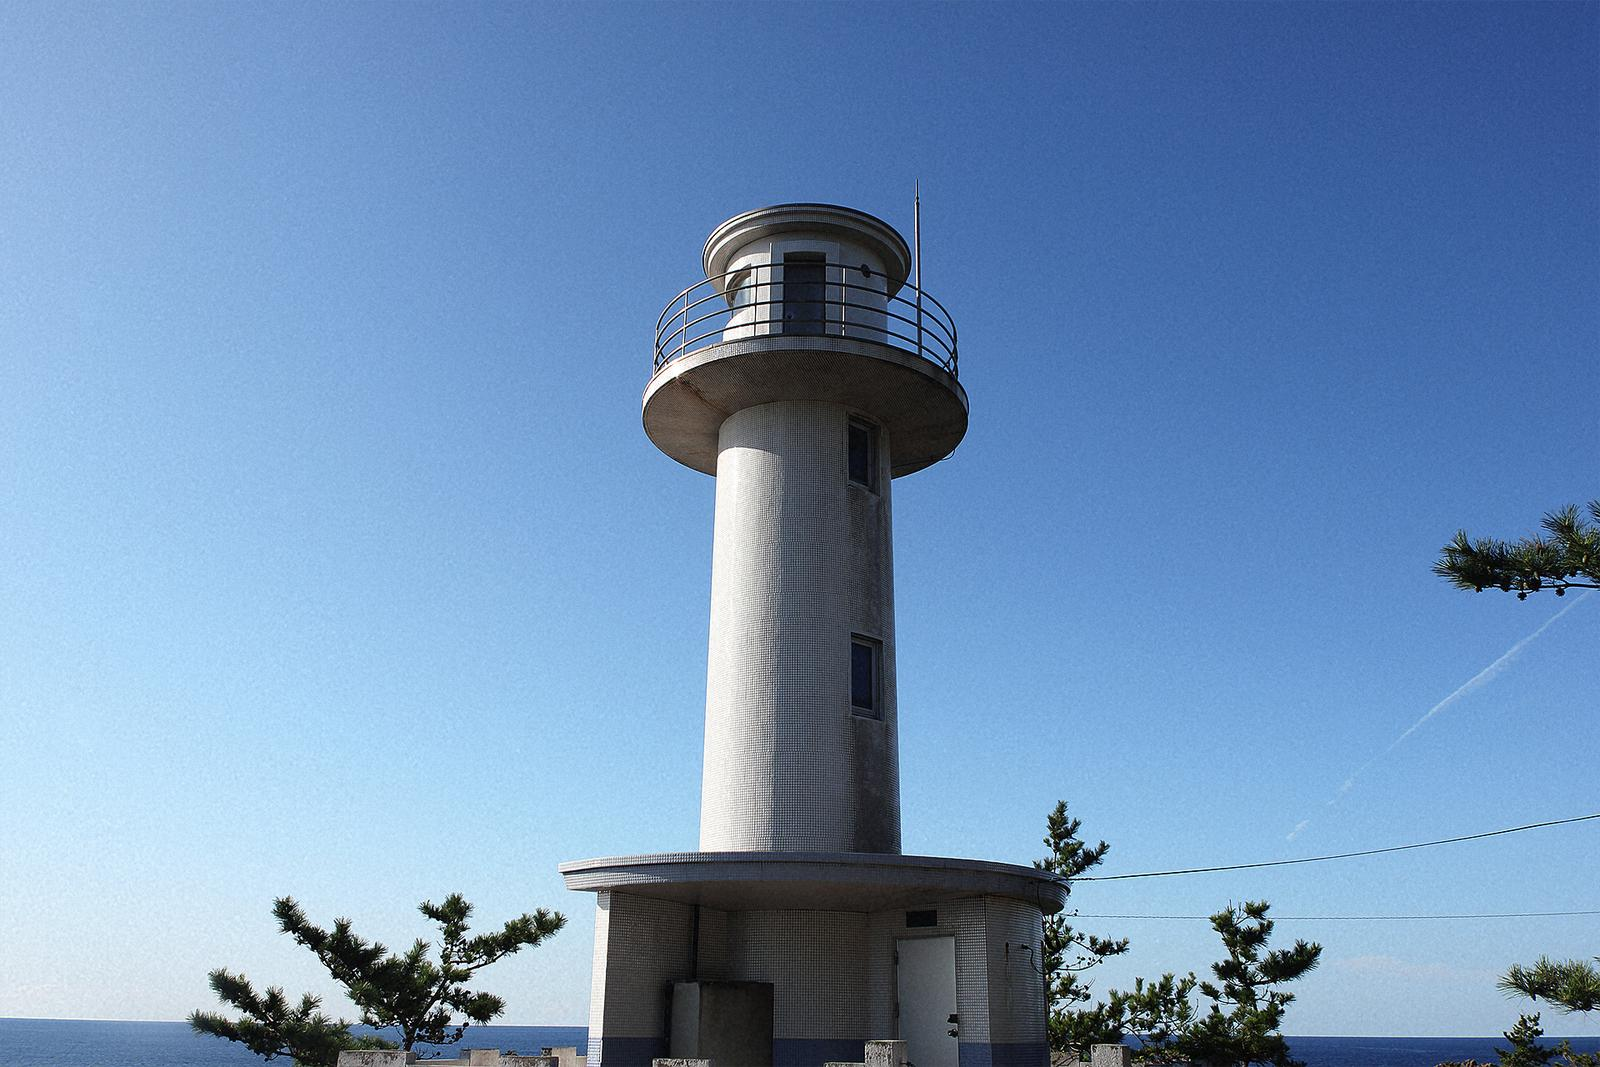 Sado Senkakuwan Leuchtturm